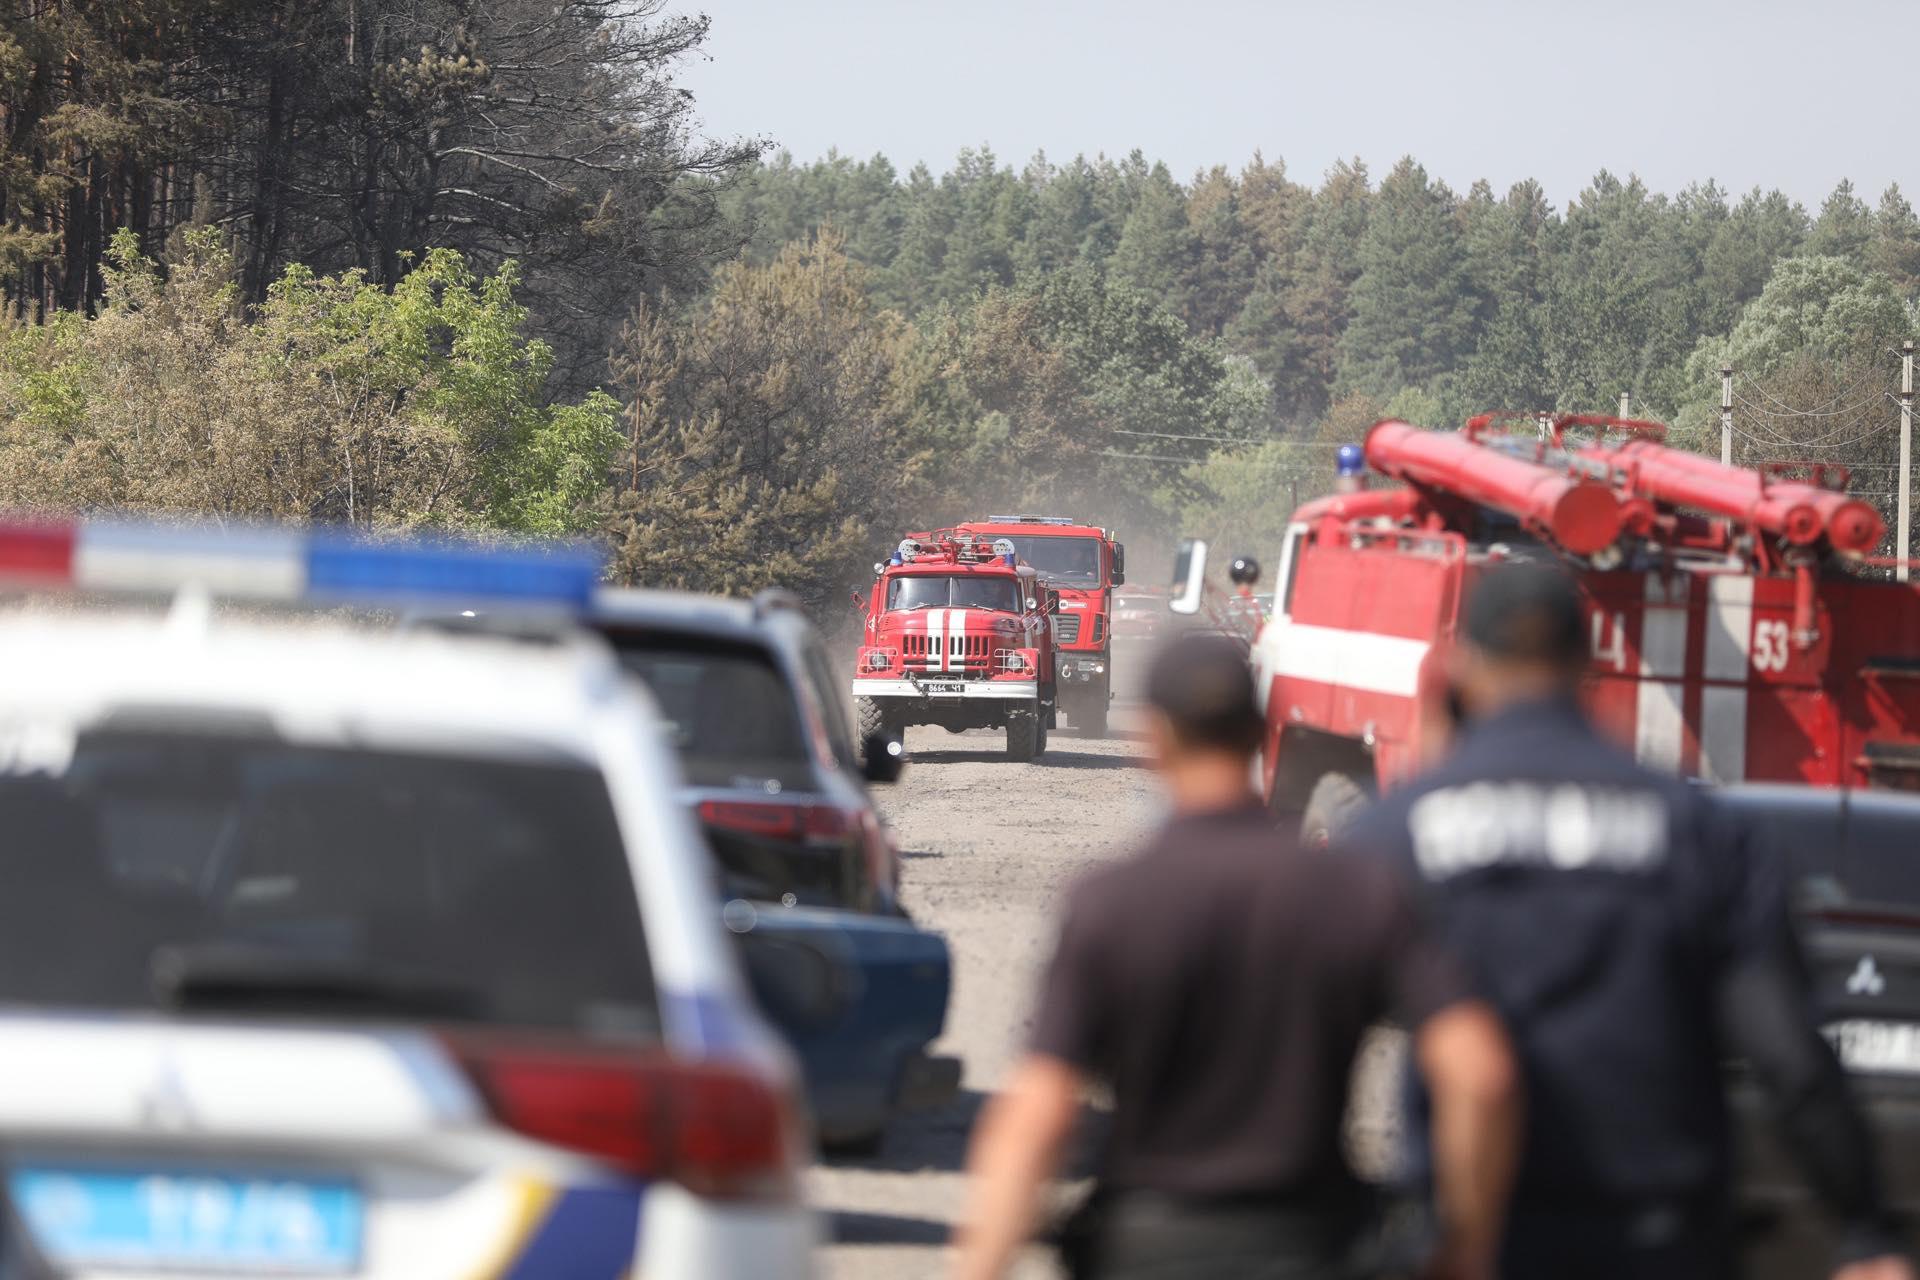 Україна у вогні: чому лісові пожежі на сході країни набули такого масштабу? -  - 03 pozhezha